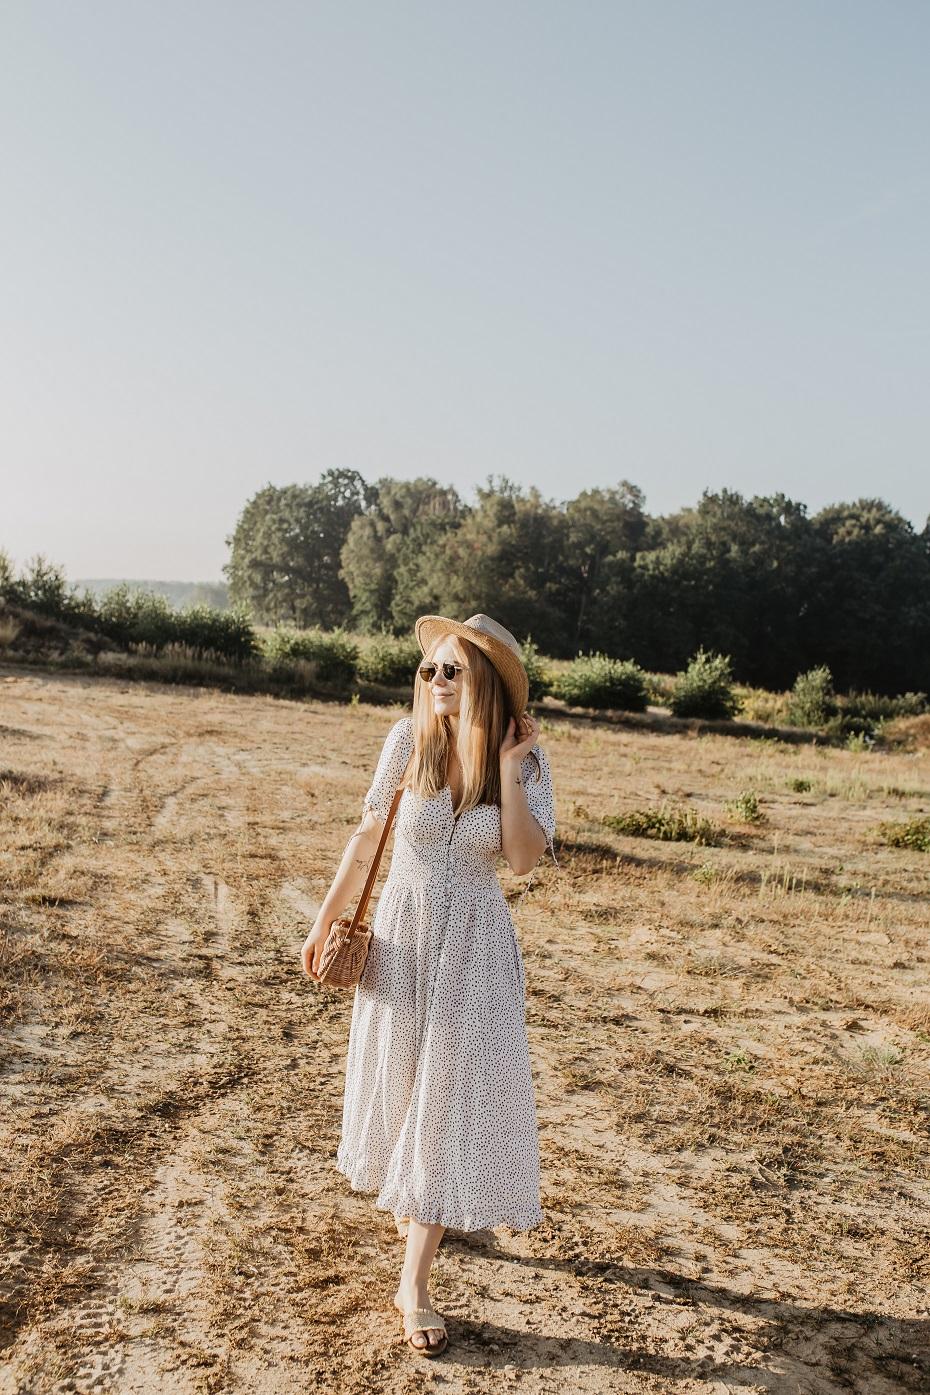 sukienki letnie lniane i bawełniane